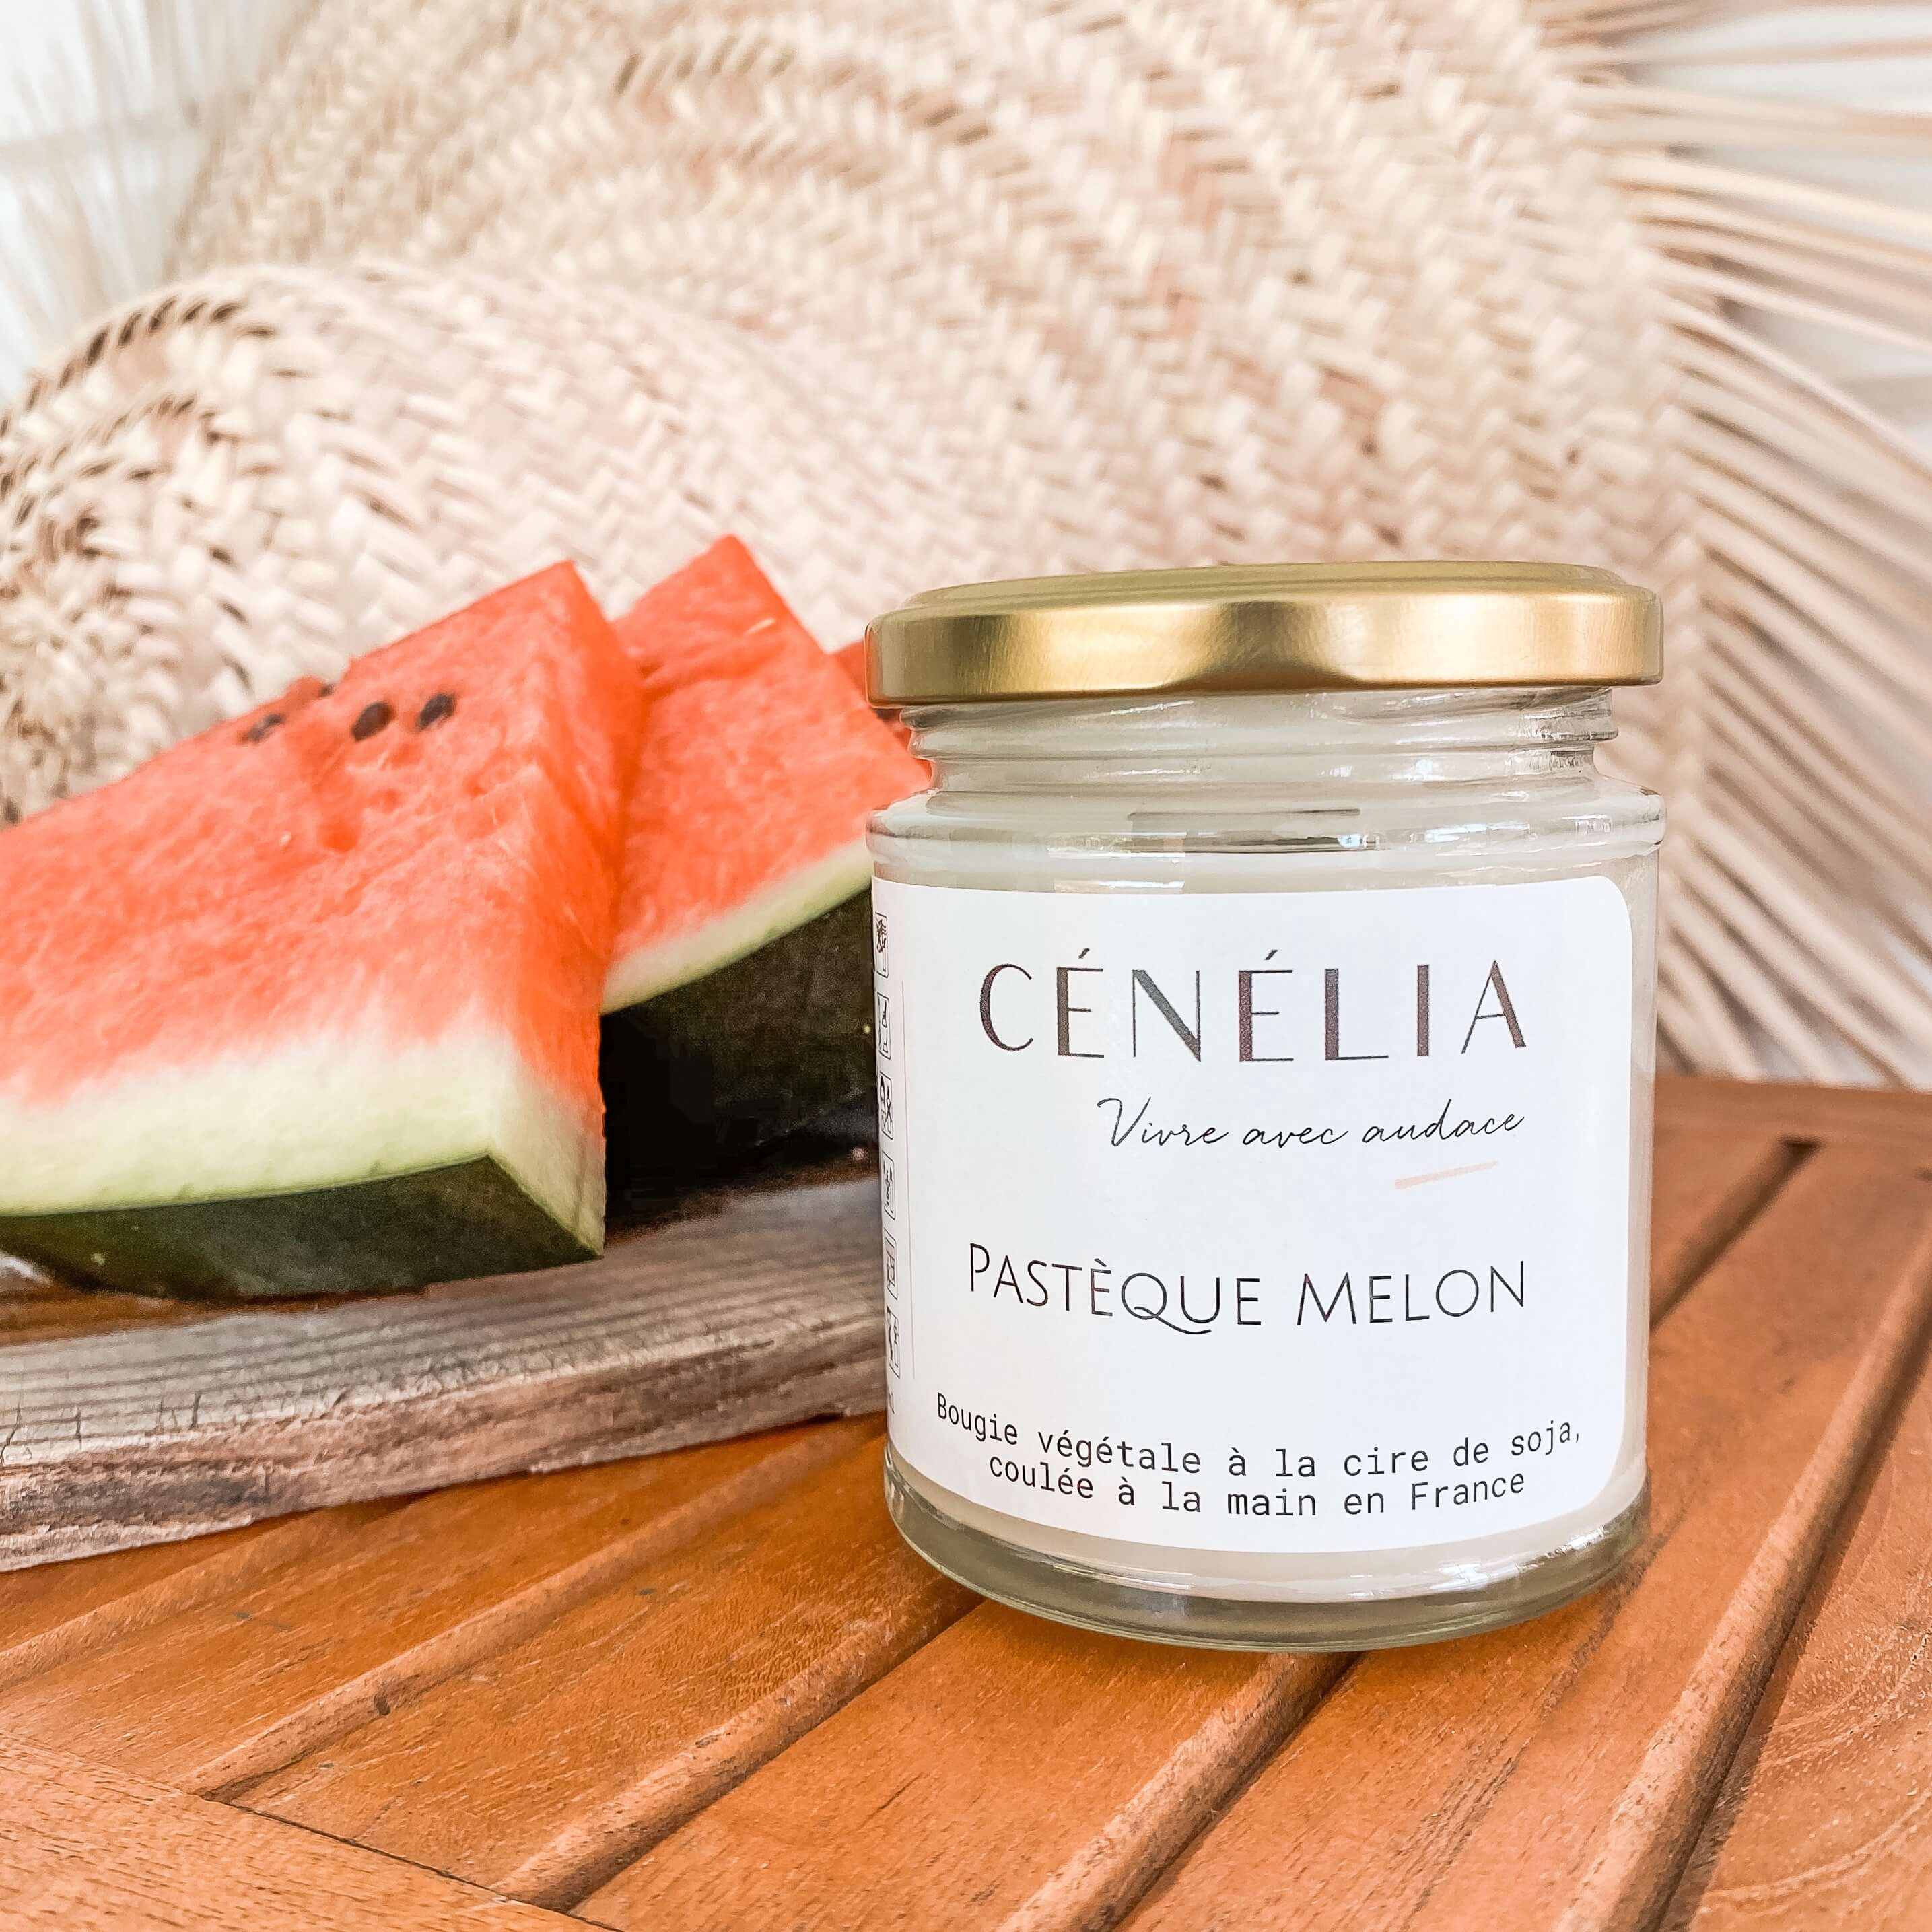 Bougie pastèque melon - bougie fruitée Cénélia